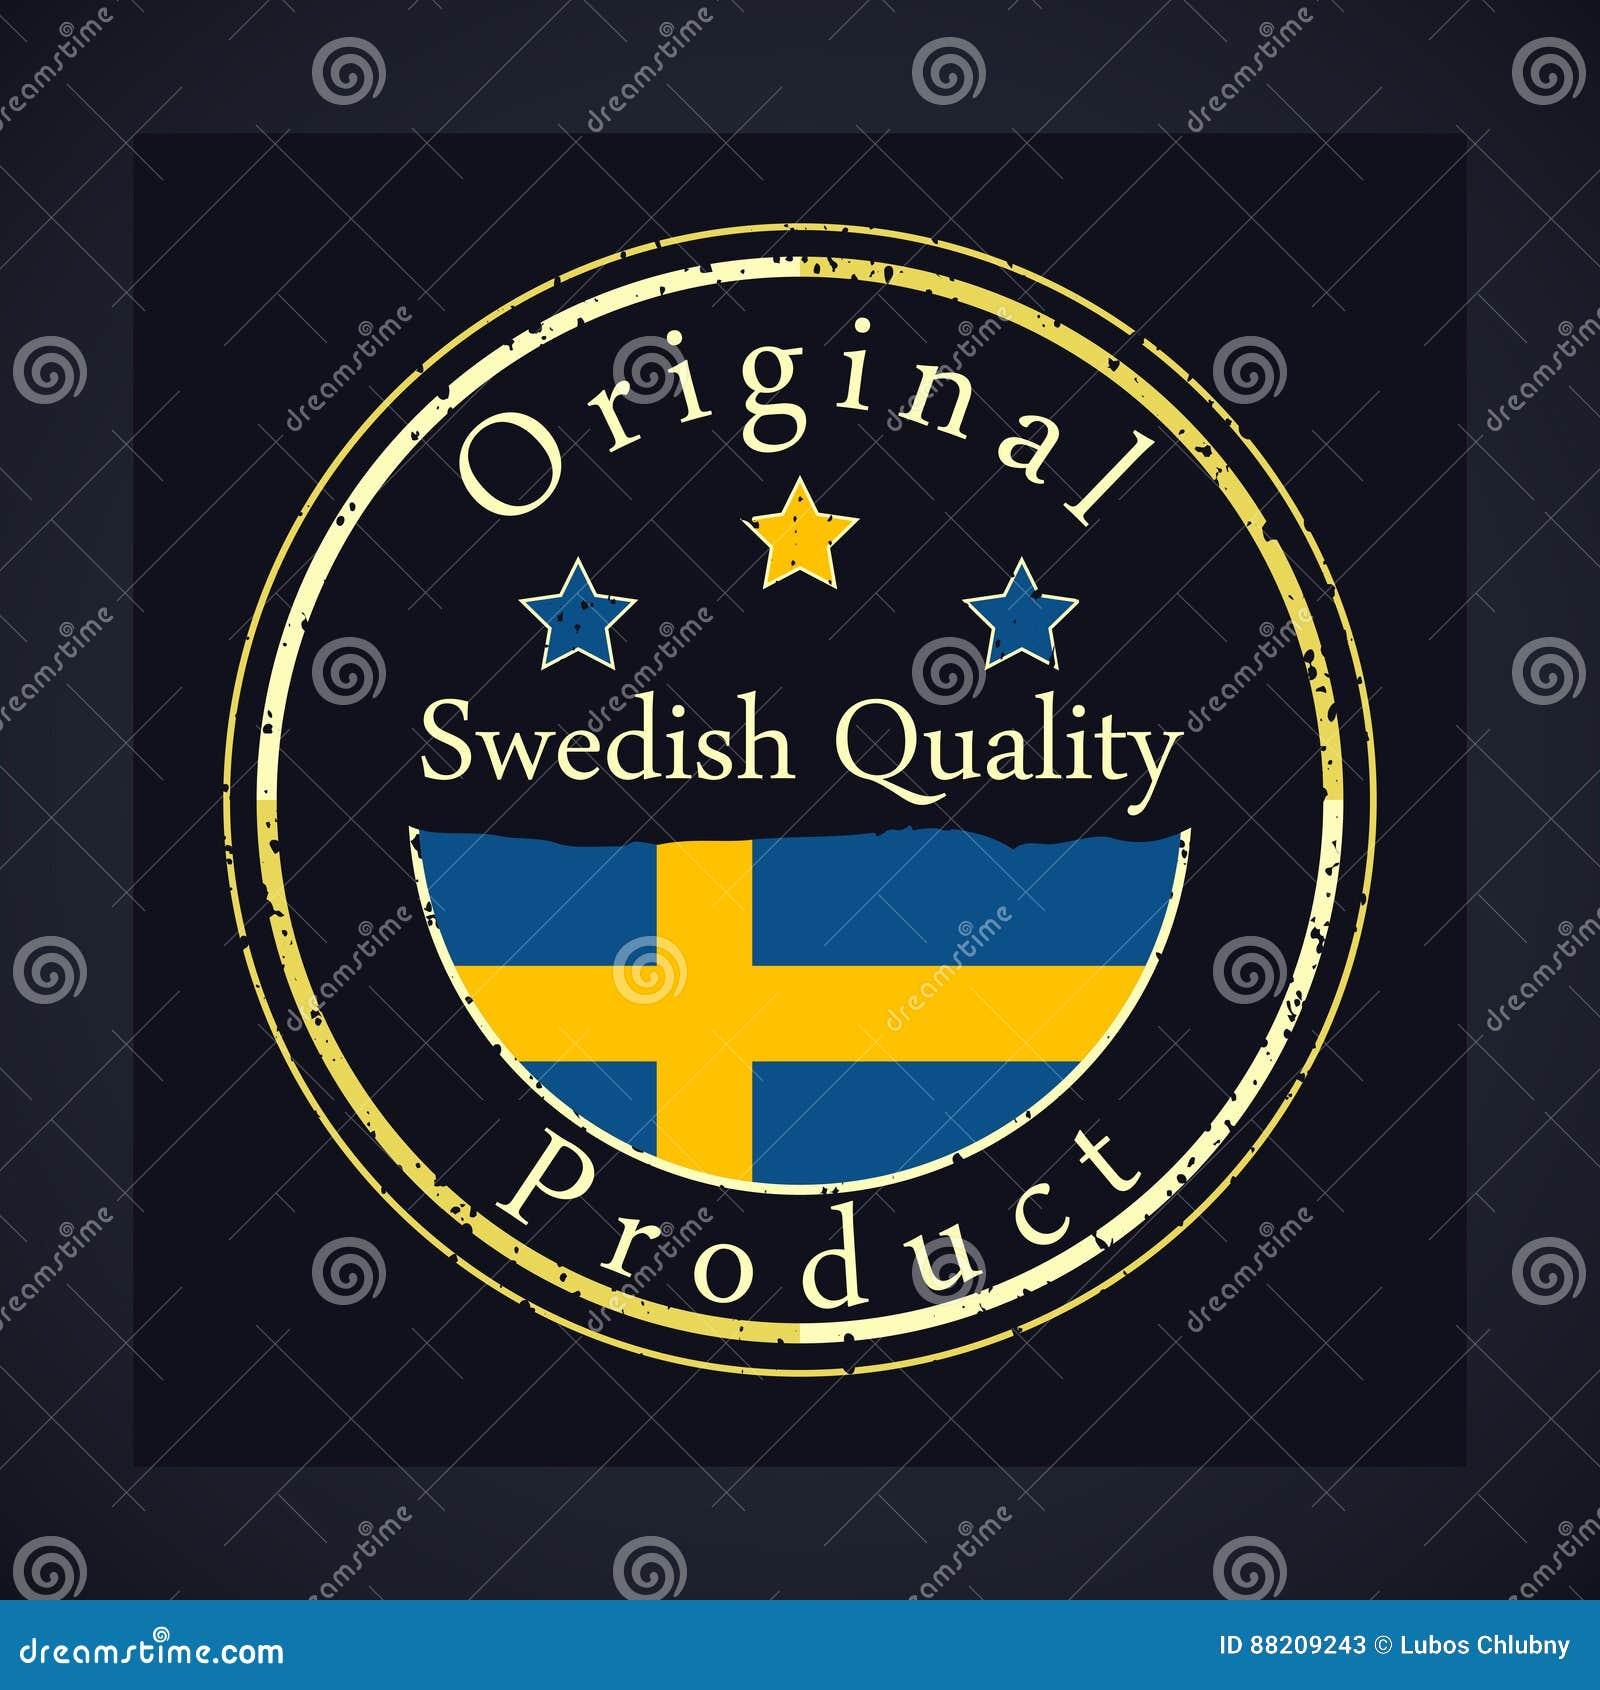 Selo do grunge do ouro com a qualidade sueco do texto e o produto original A etiqueta contém a bandeira sueco